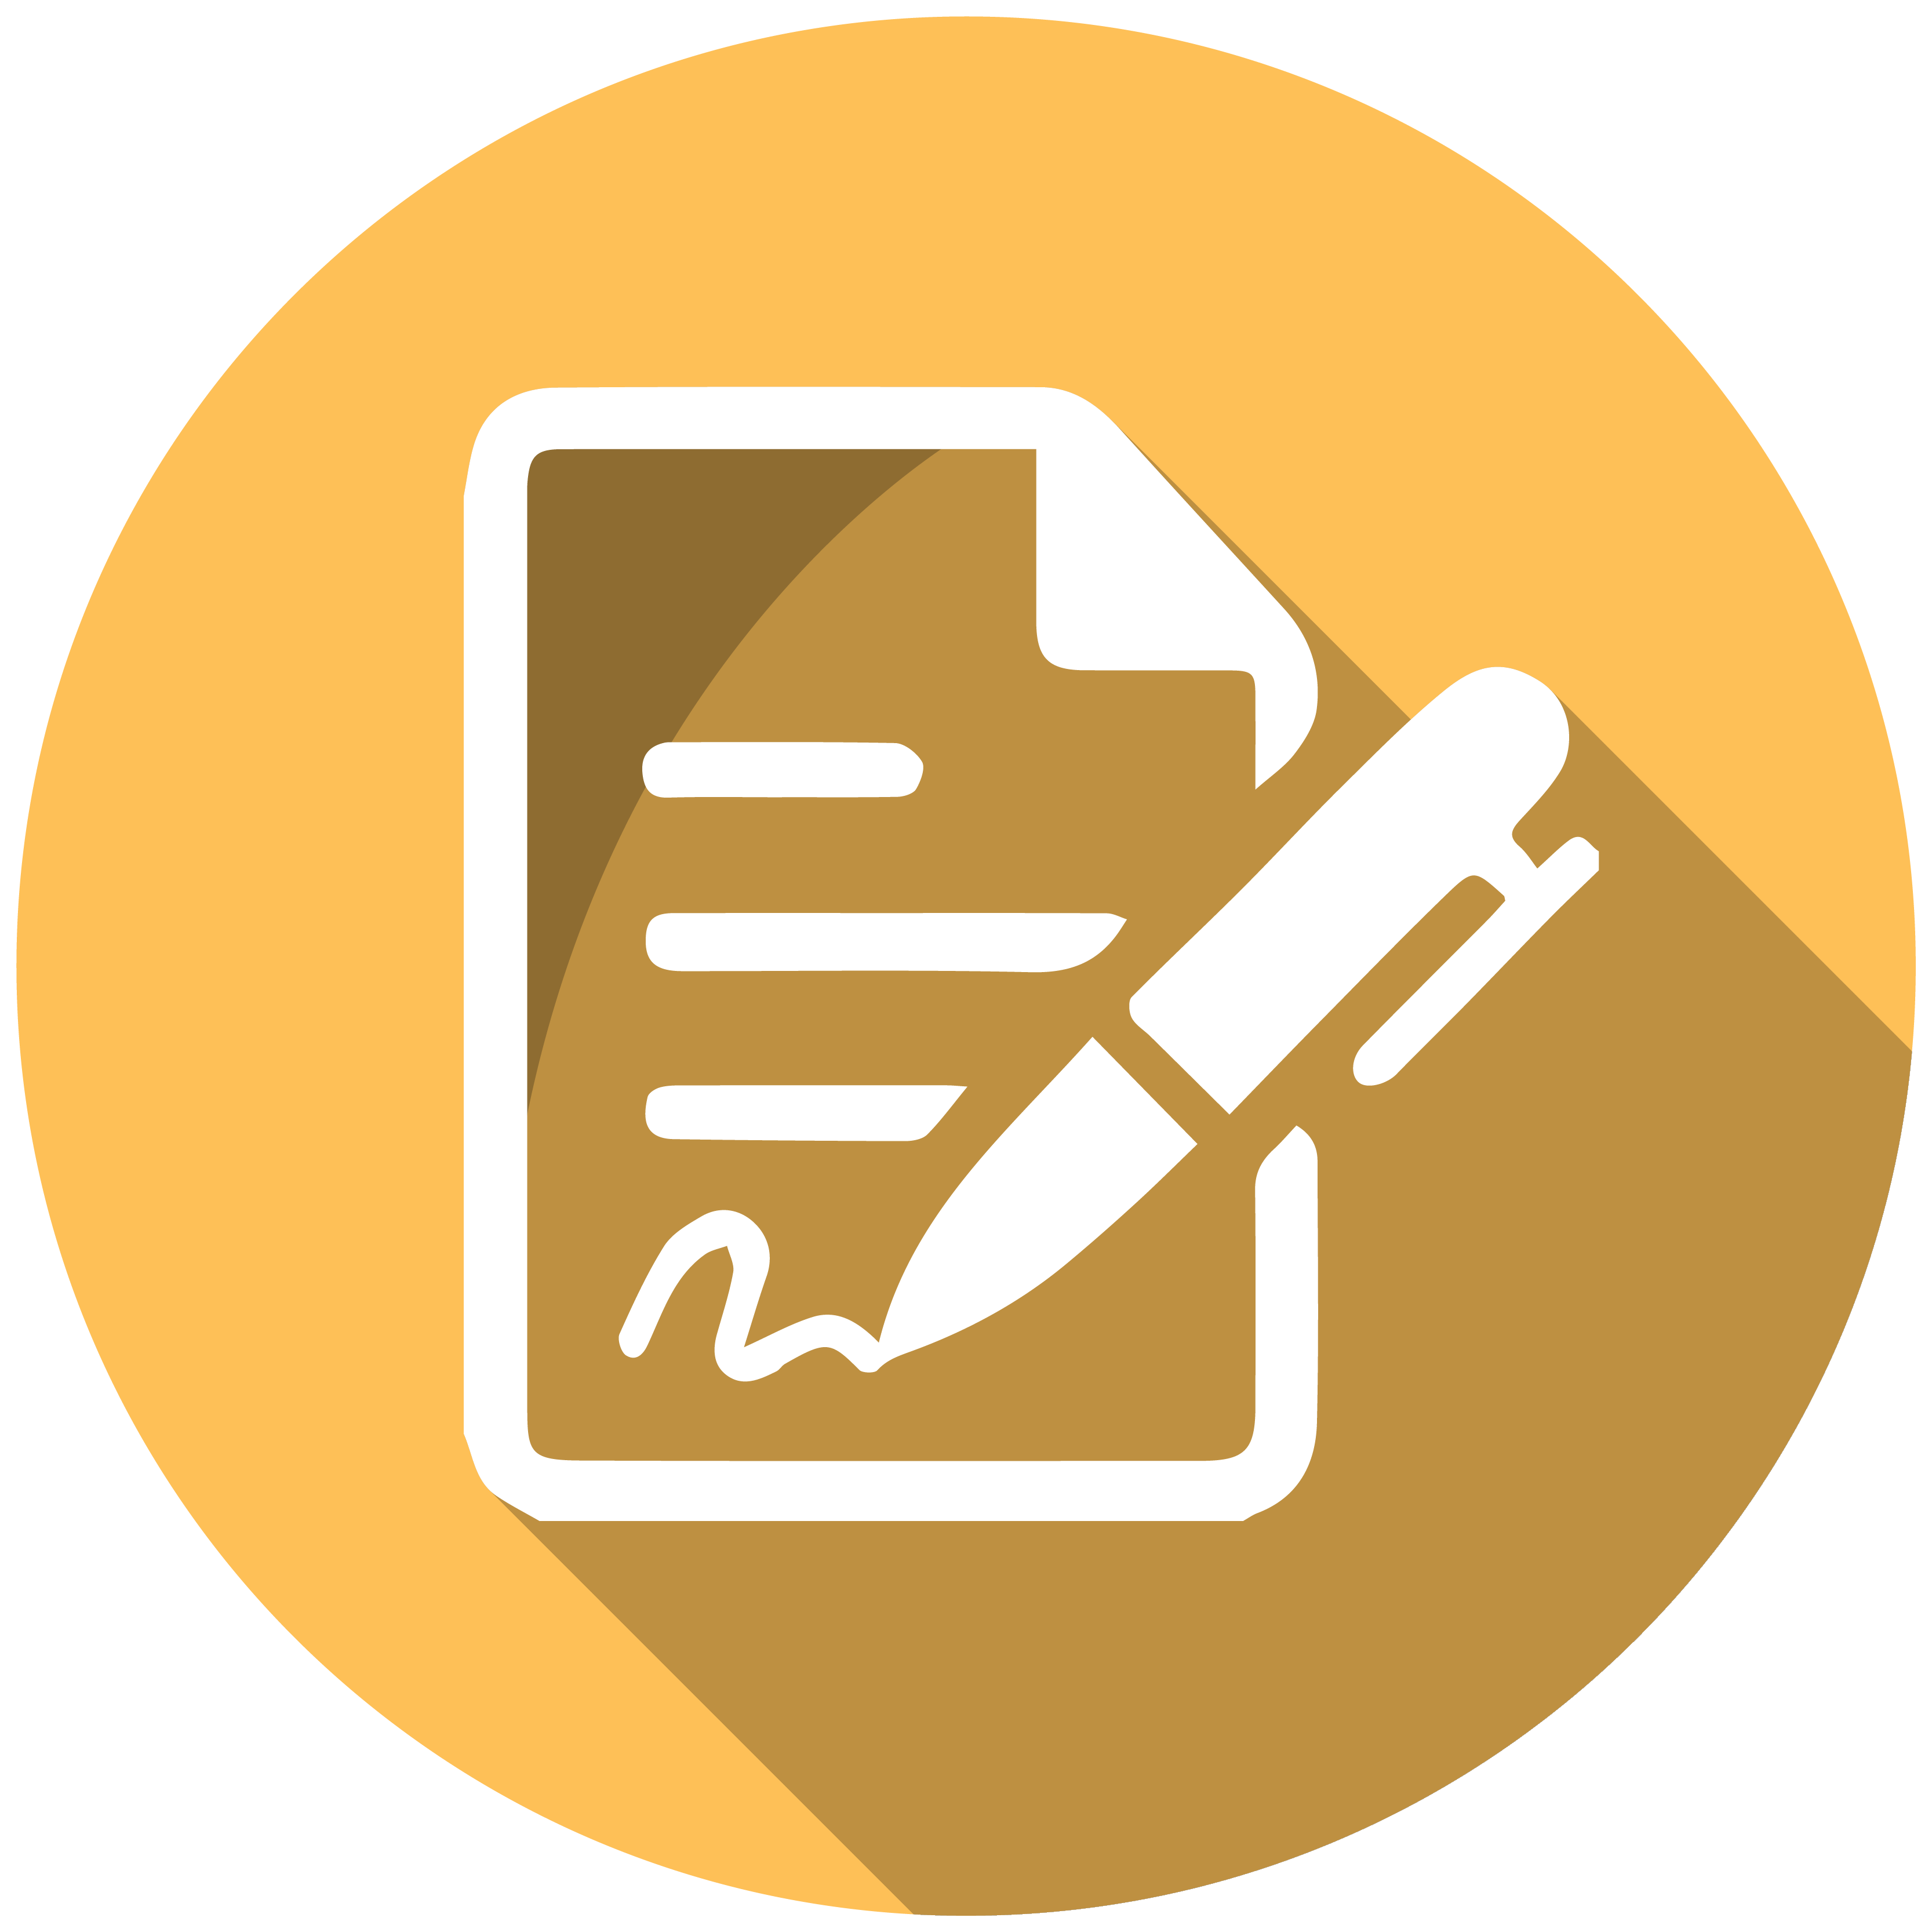 کاملترین فایل مبانی نظری و پیشینه پژوهش یادگیری مشارکتی (فصل دوم)